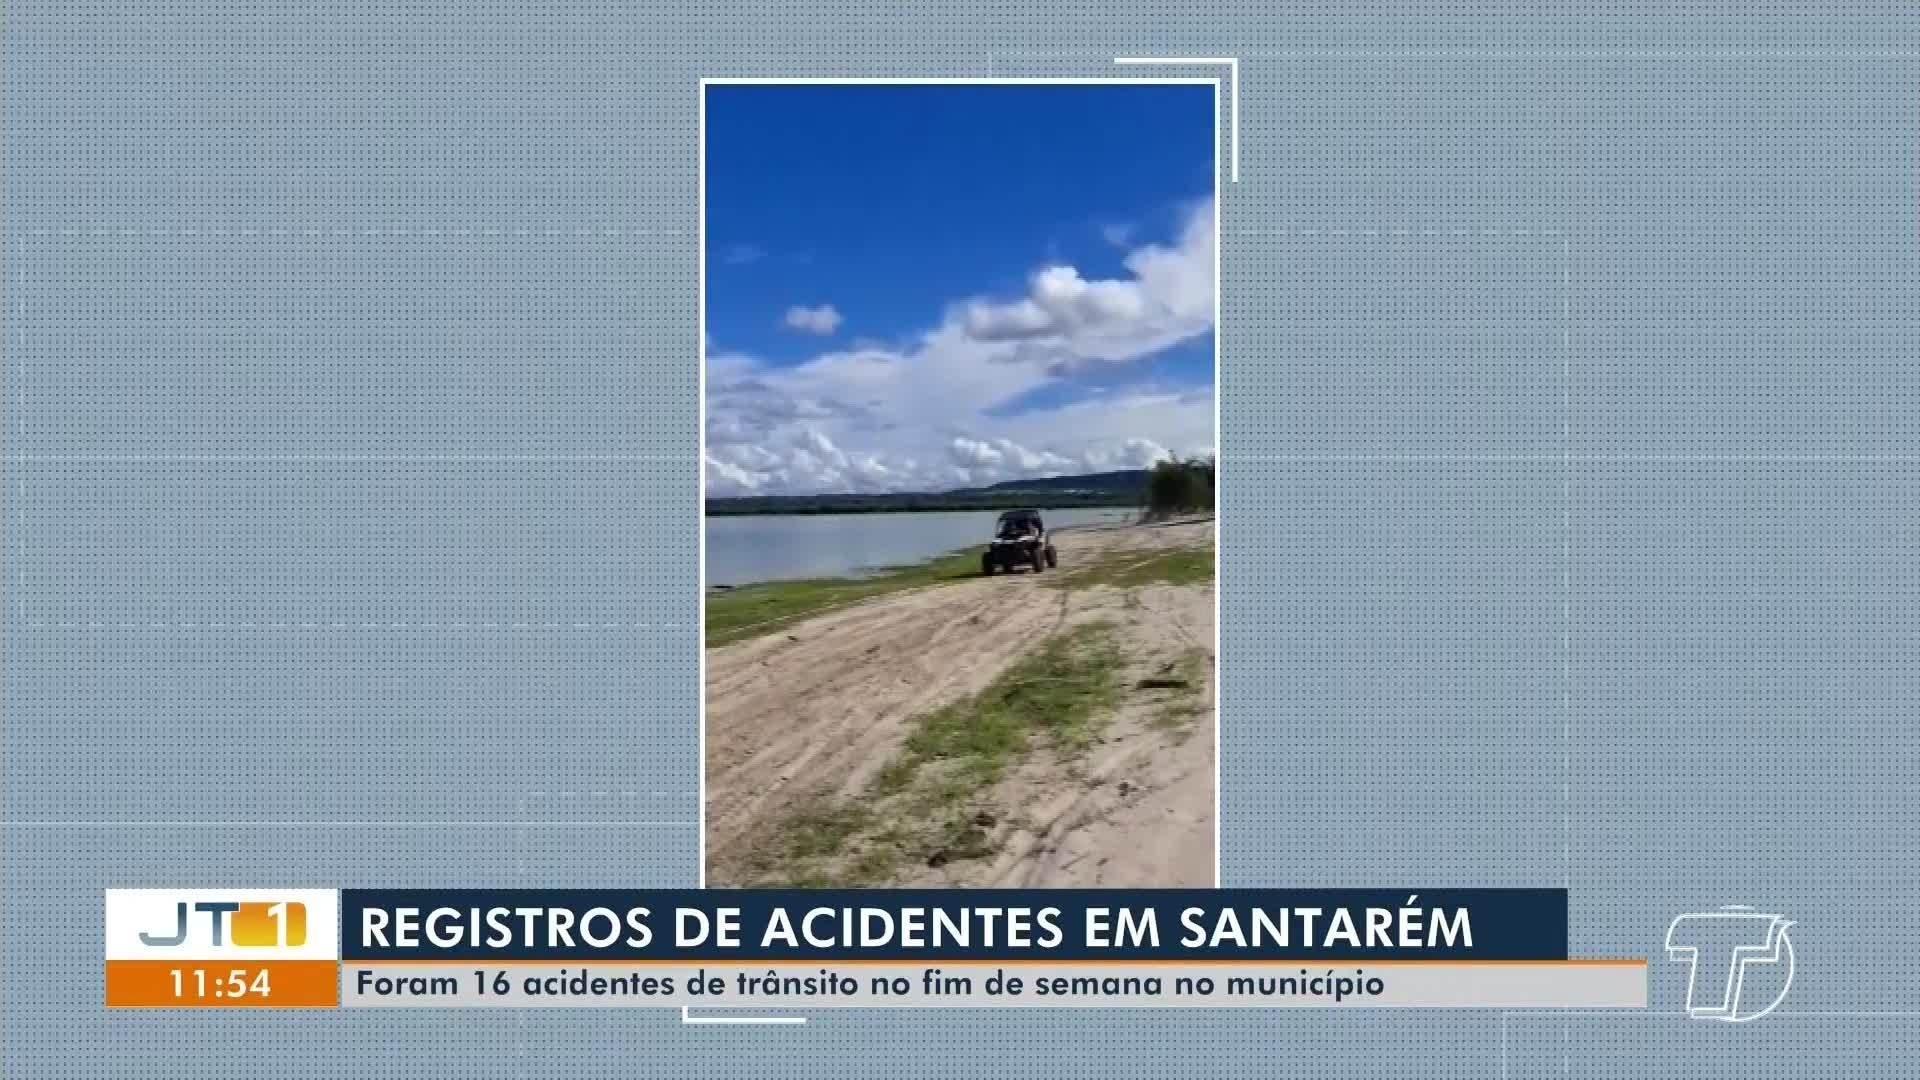 VÍDEOS: Jornal Tapajós 1ª edição de segunda-feira, 23 de novembro